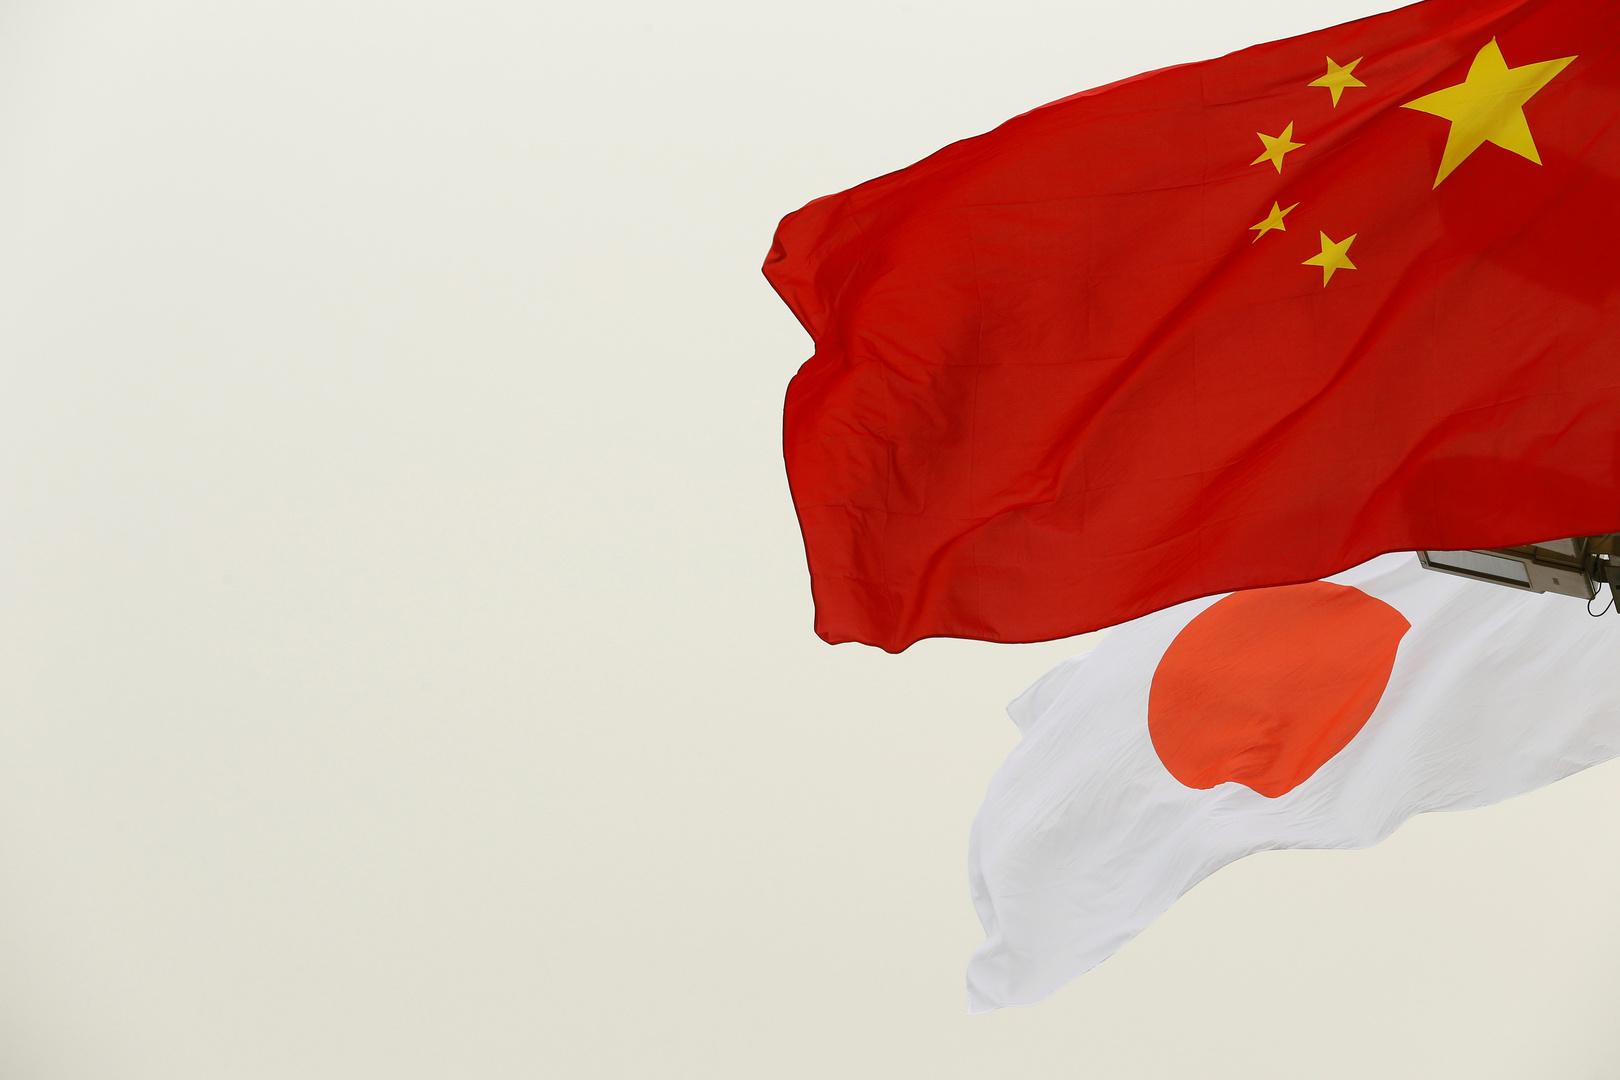 علمي اليابان والصين